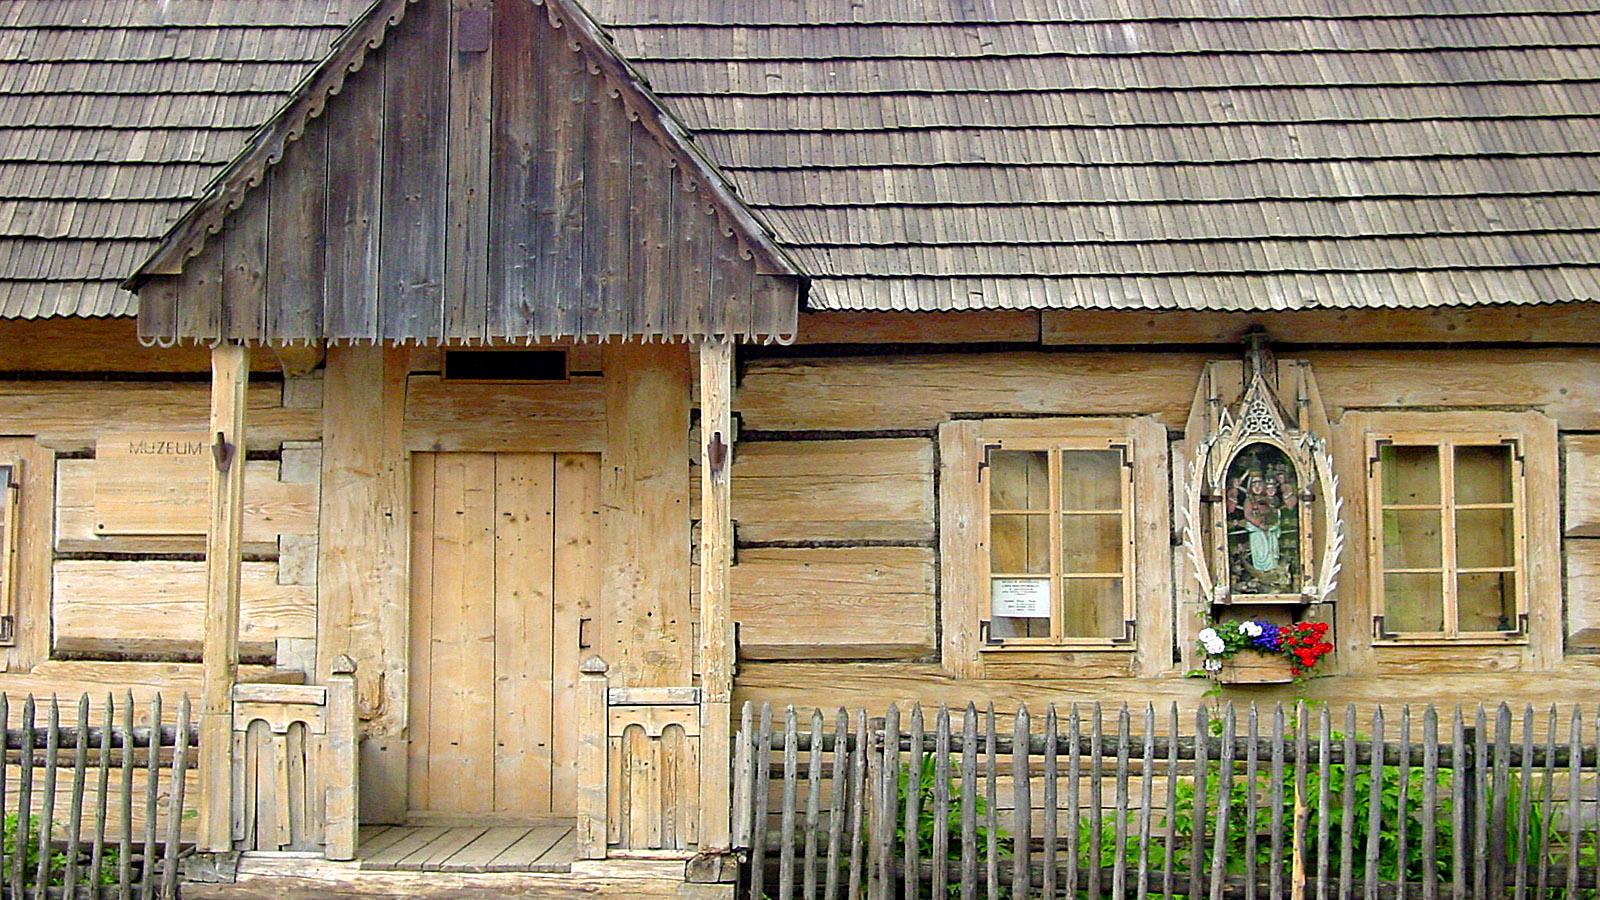 Hohe Tatra, Dieses Haus birgt ein Museum zum Aufstand von Chocholow im Jahr 1846 gegen die HabsburgerHerrschaft. Foto: Hilke Maunder.